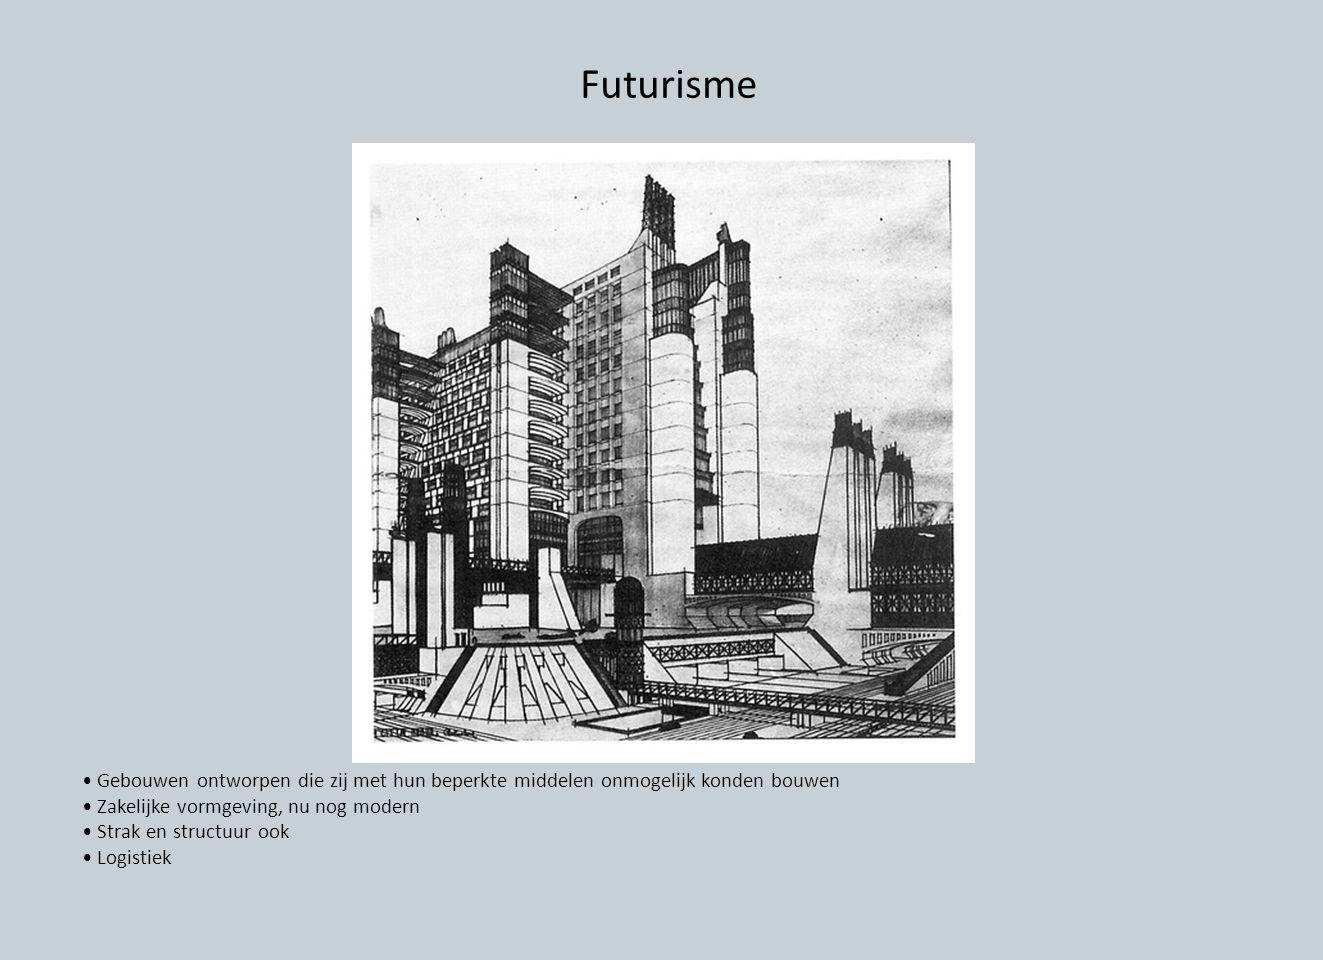 Futurisme • Gebouwen ontworpen die zij met hun beperkte middelen onmogelijk konden bouwen. • Zakelijke vormgeving, nu nog modern.